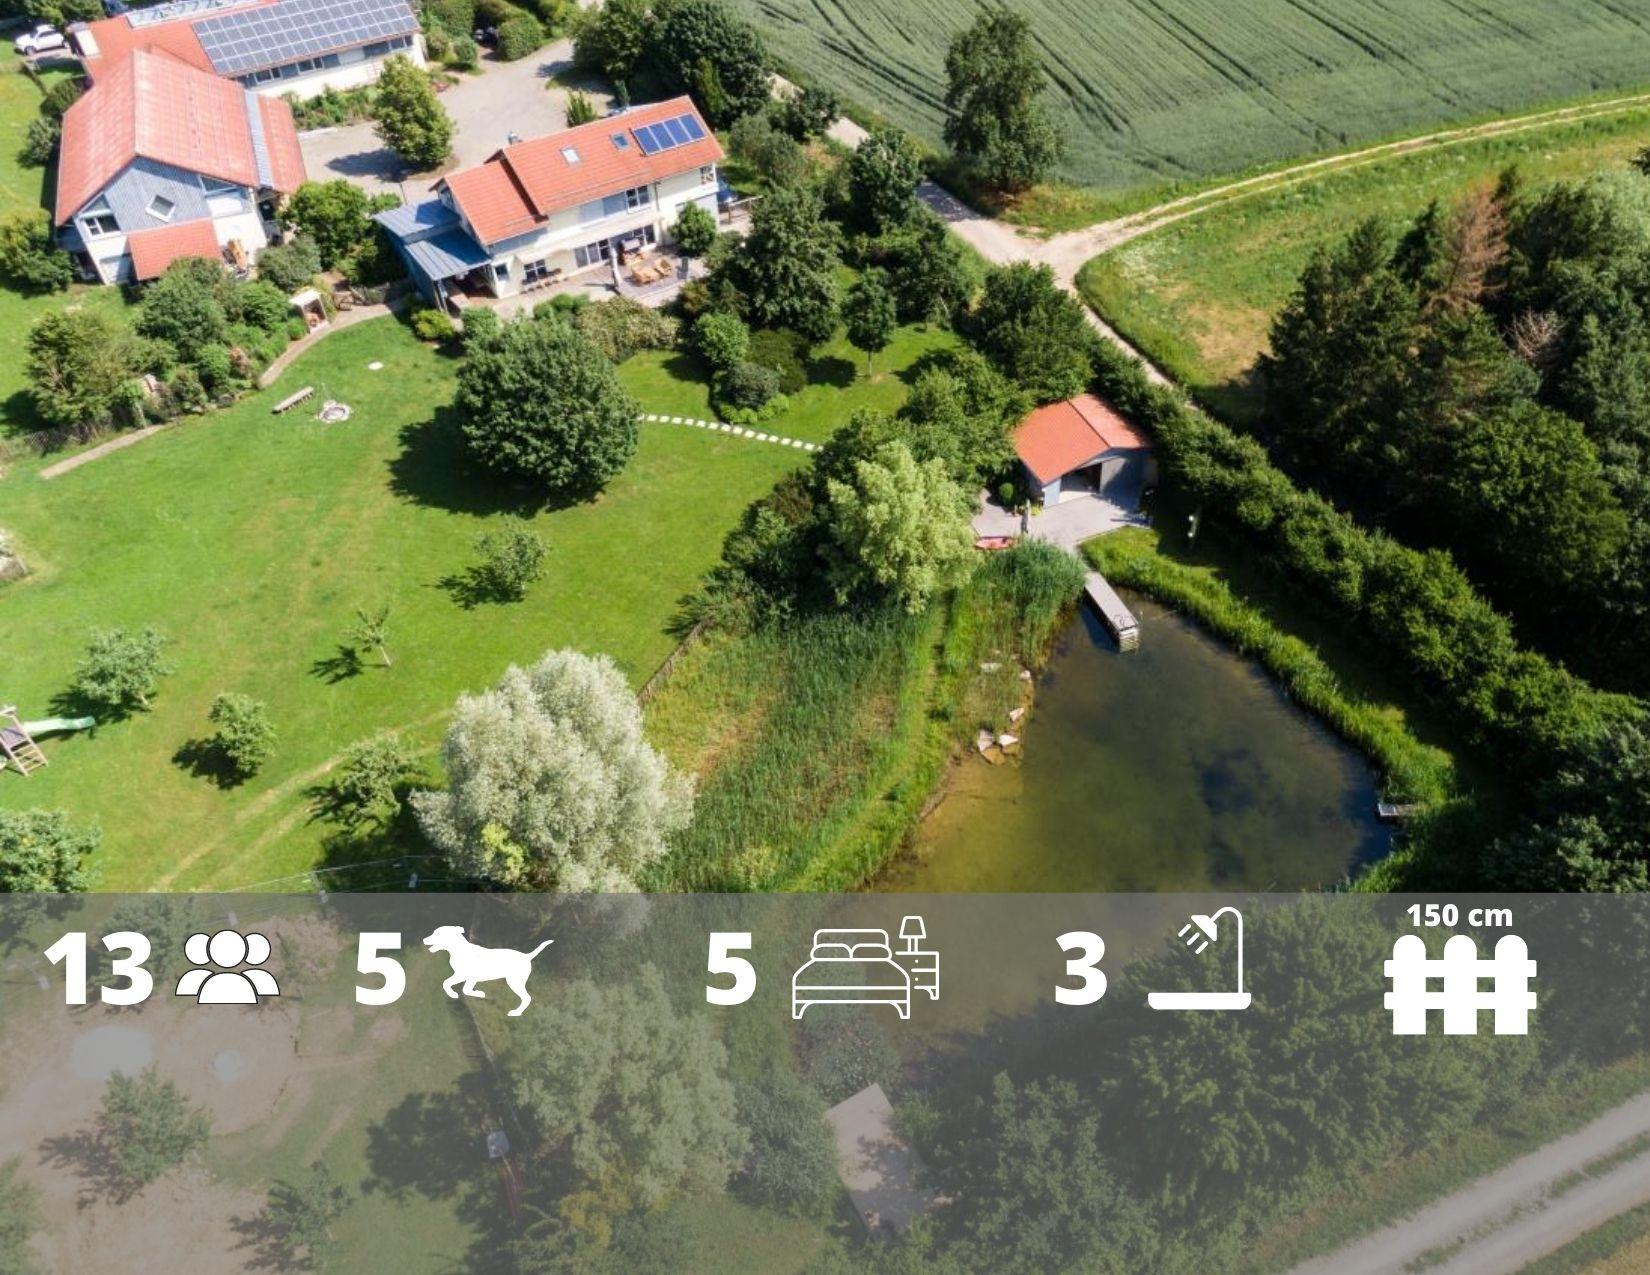 Ferienhaus Beim Viechdoktor in Crailsheim, See, Sauna, Zaun